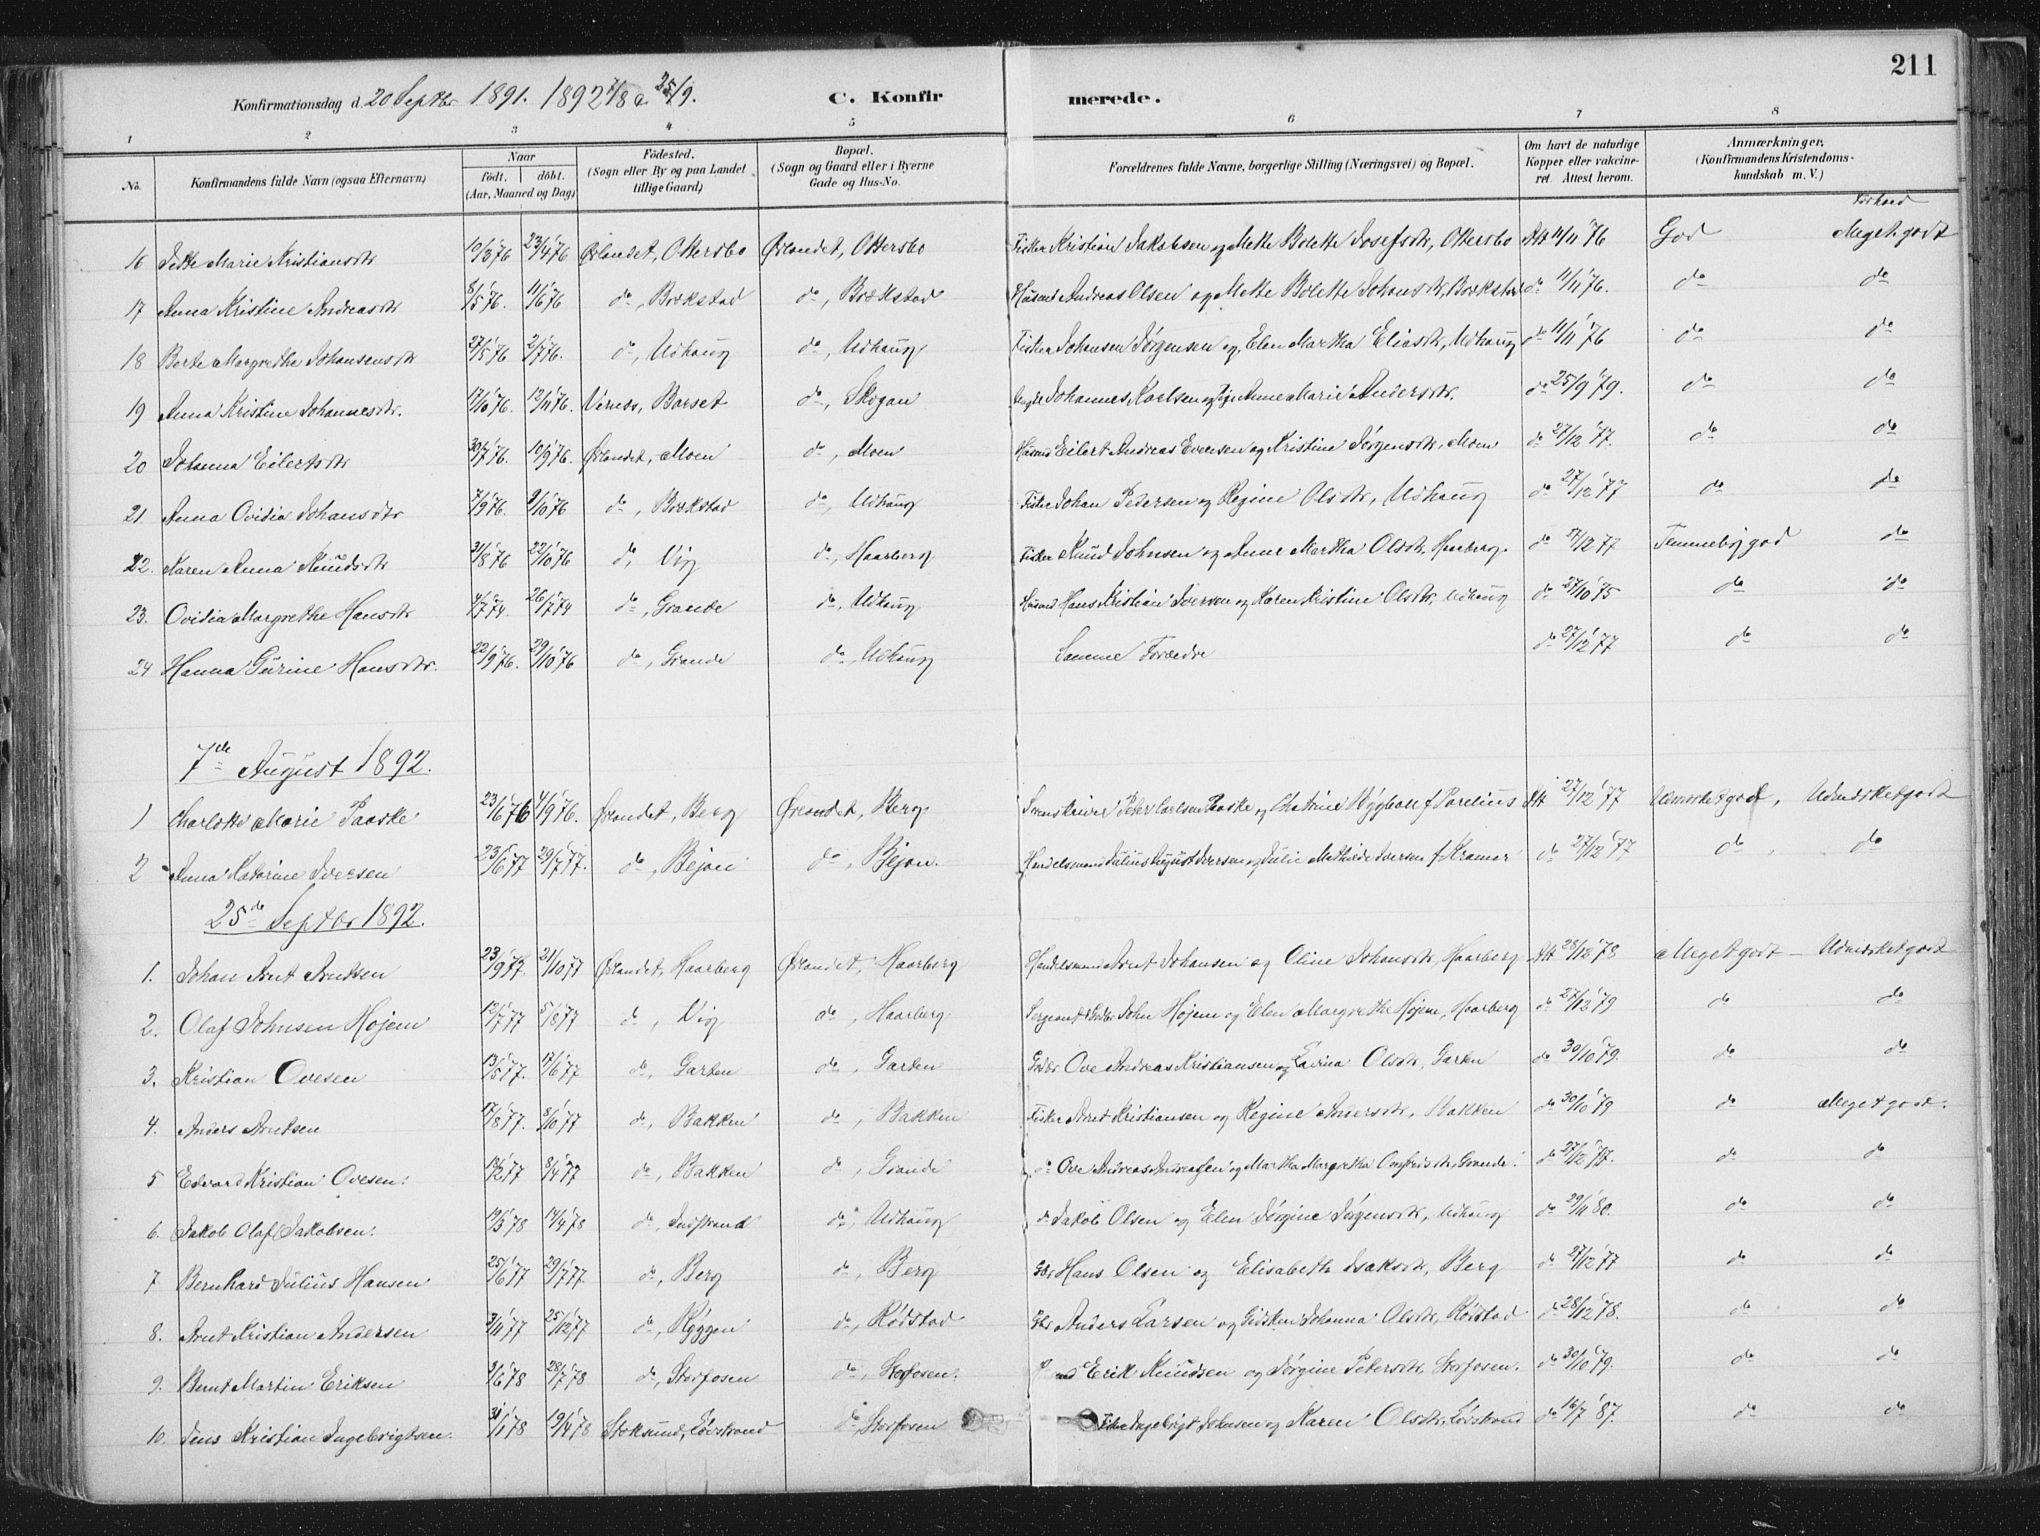 SAT, Ministerialprotokoller, klokkerbøker og fødselsregistre - Sør-Trøndelag, 659/L0739: Ministerialbok nr. 659A09, 1879-1893, s. 211